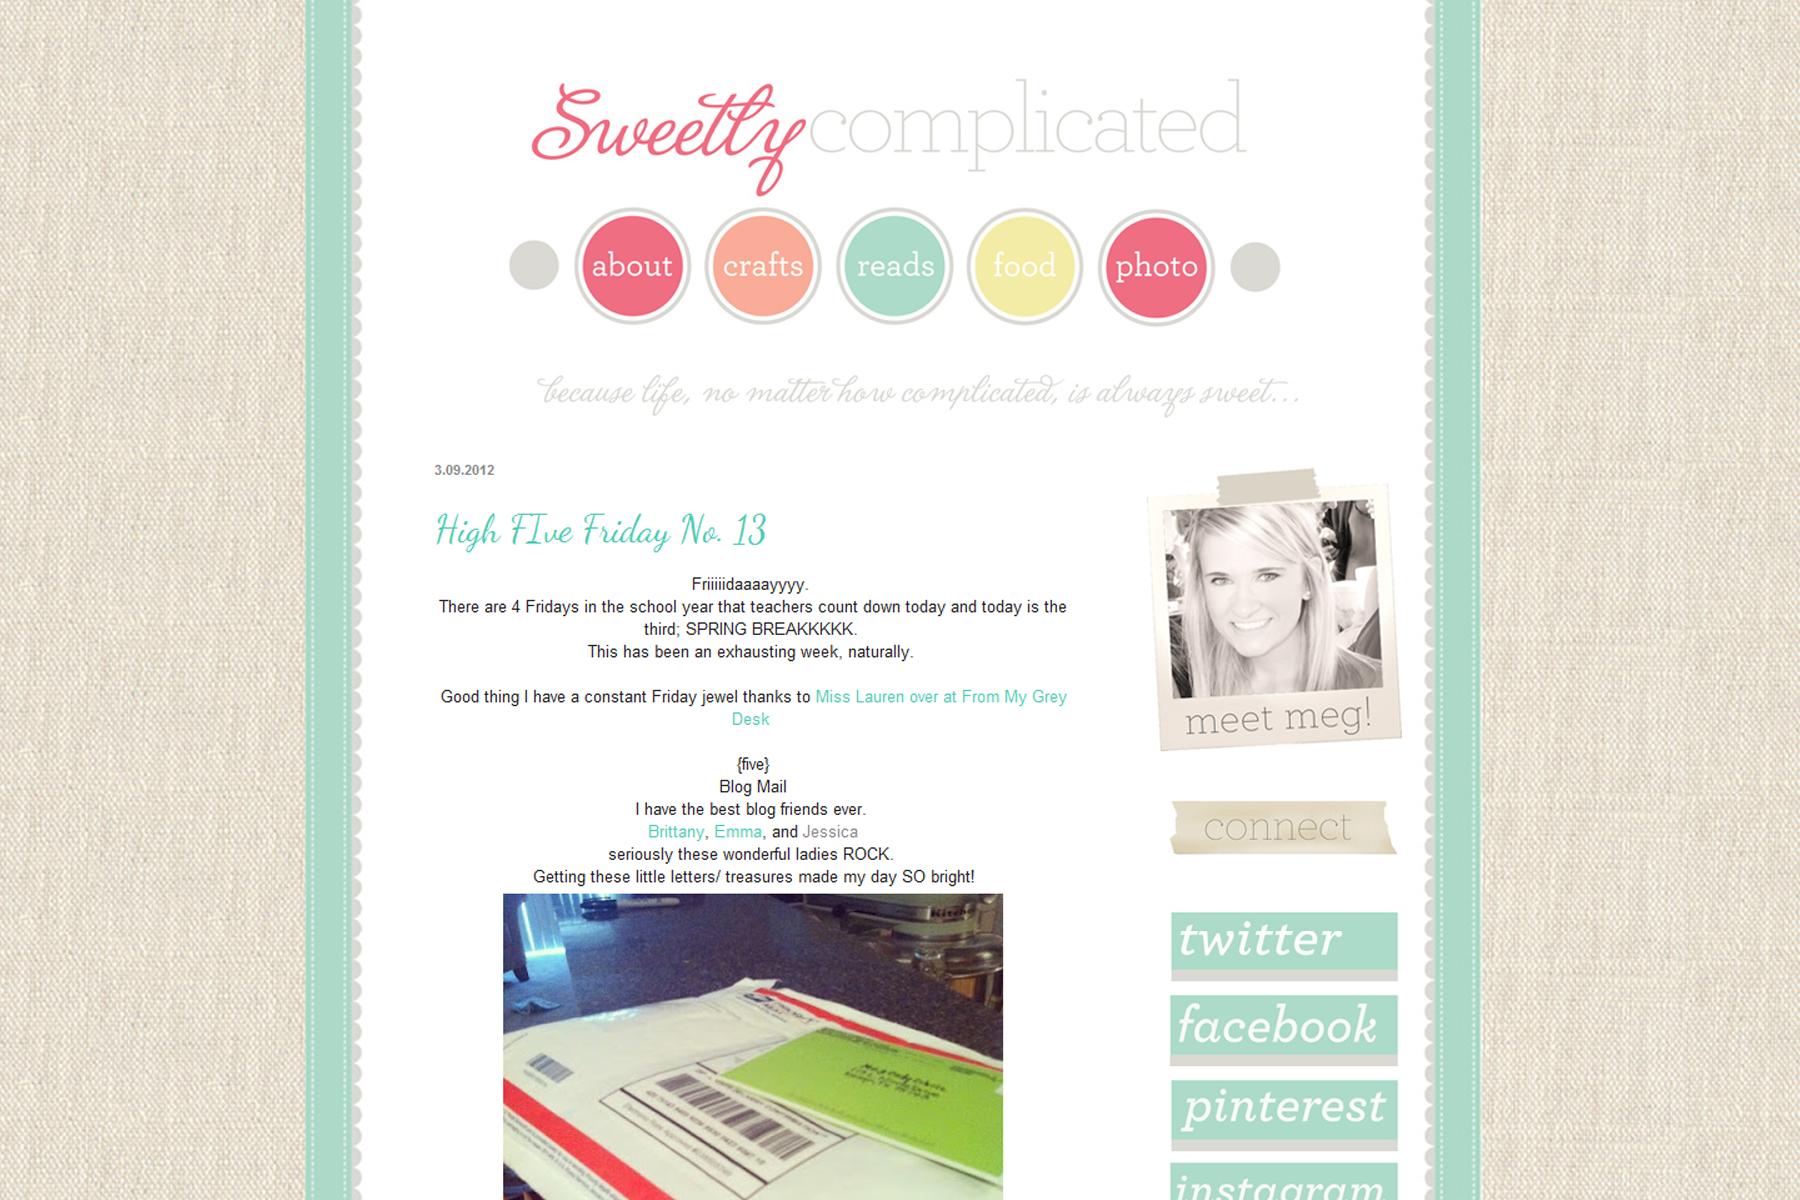 Sweetly Complicated